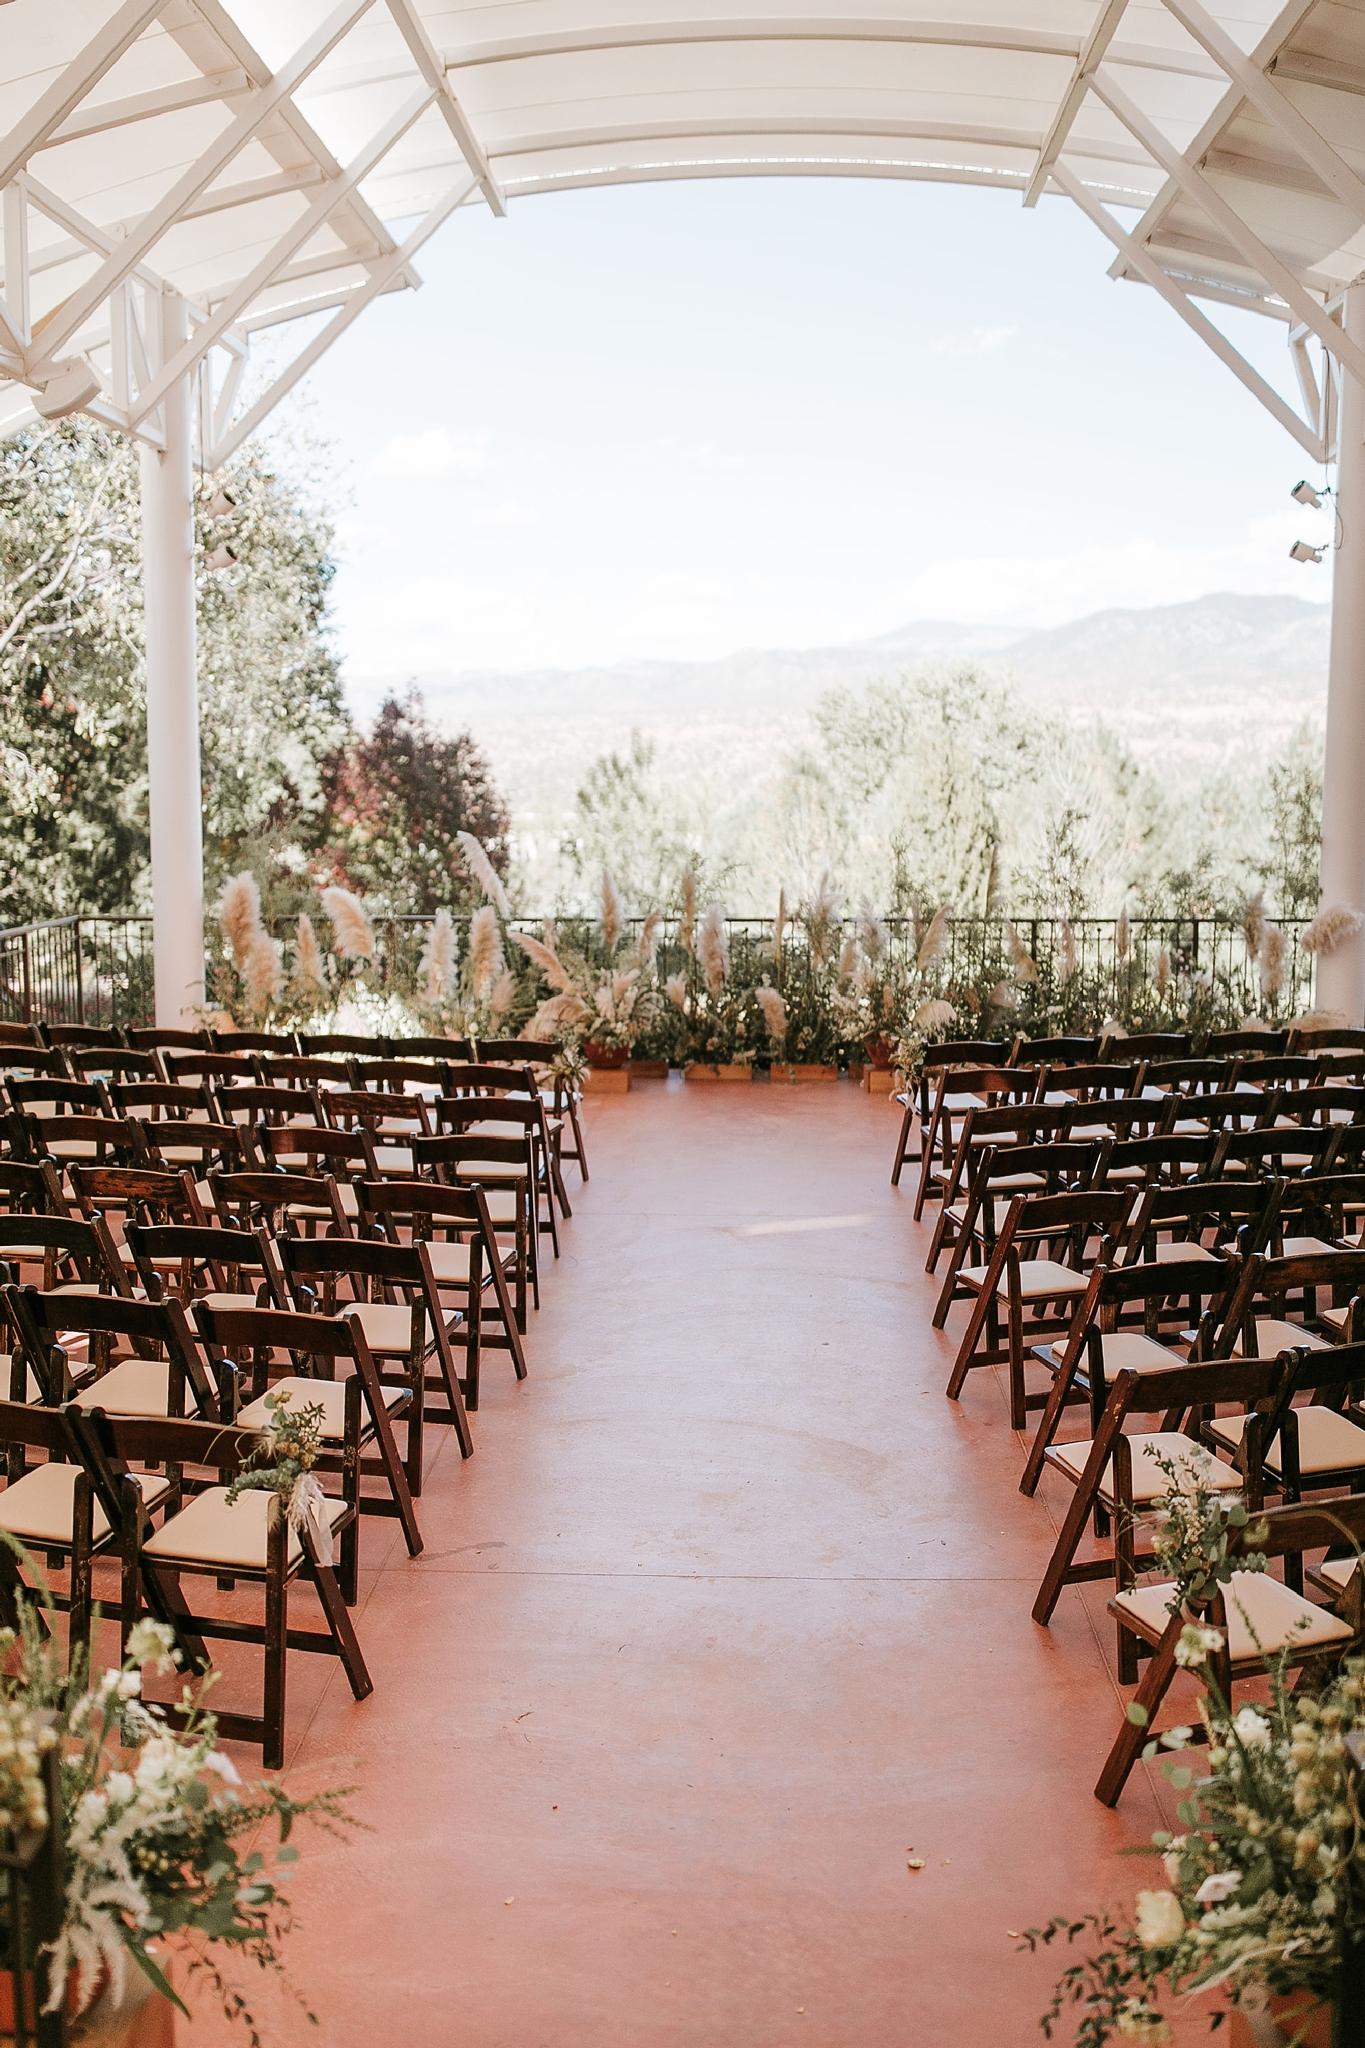 Alicia+lucia+photography+-+albuquerque+wedding+photographer+-+santa+fe+wedding+photography+-+new+mexico+wedding+photographer+-+new+mexico+wedding+-+new+mexico+wedding+-+wedding+florals+-+desert+wedding+-+wedding+trends_0021.jpg